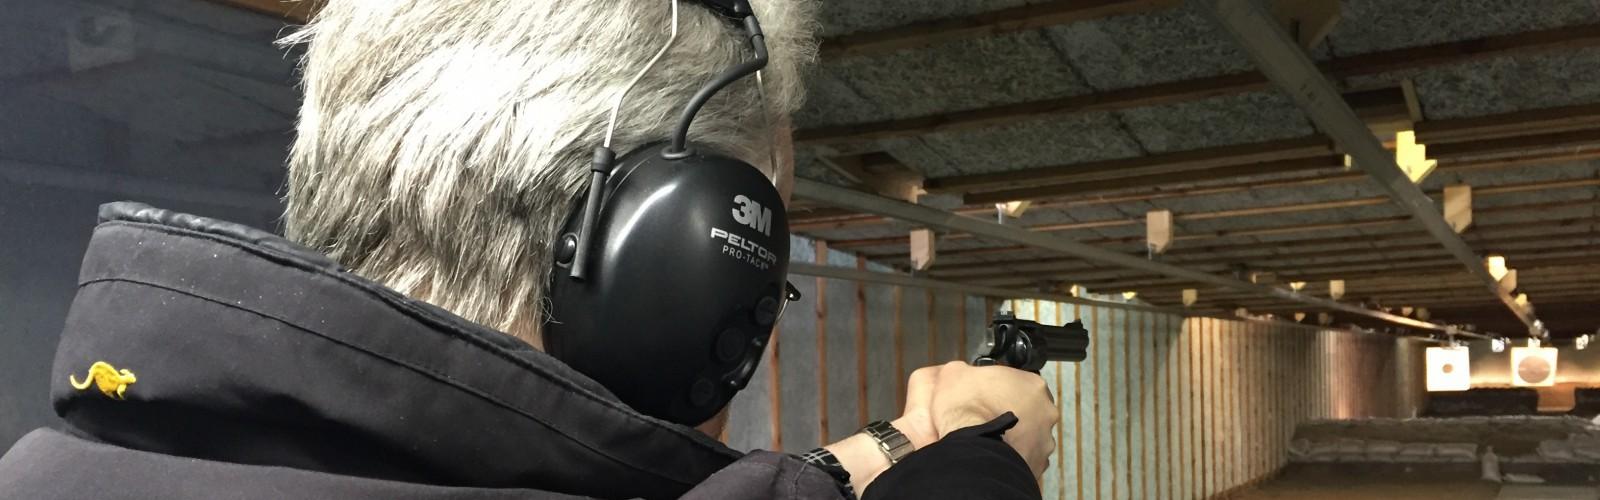 Revolver .357 Magnum